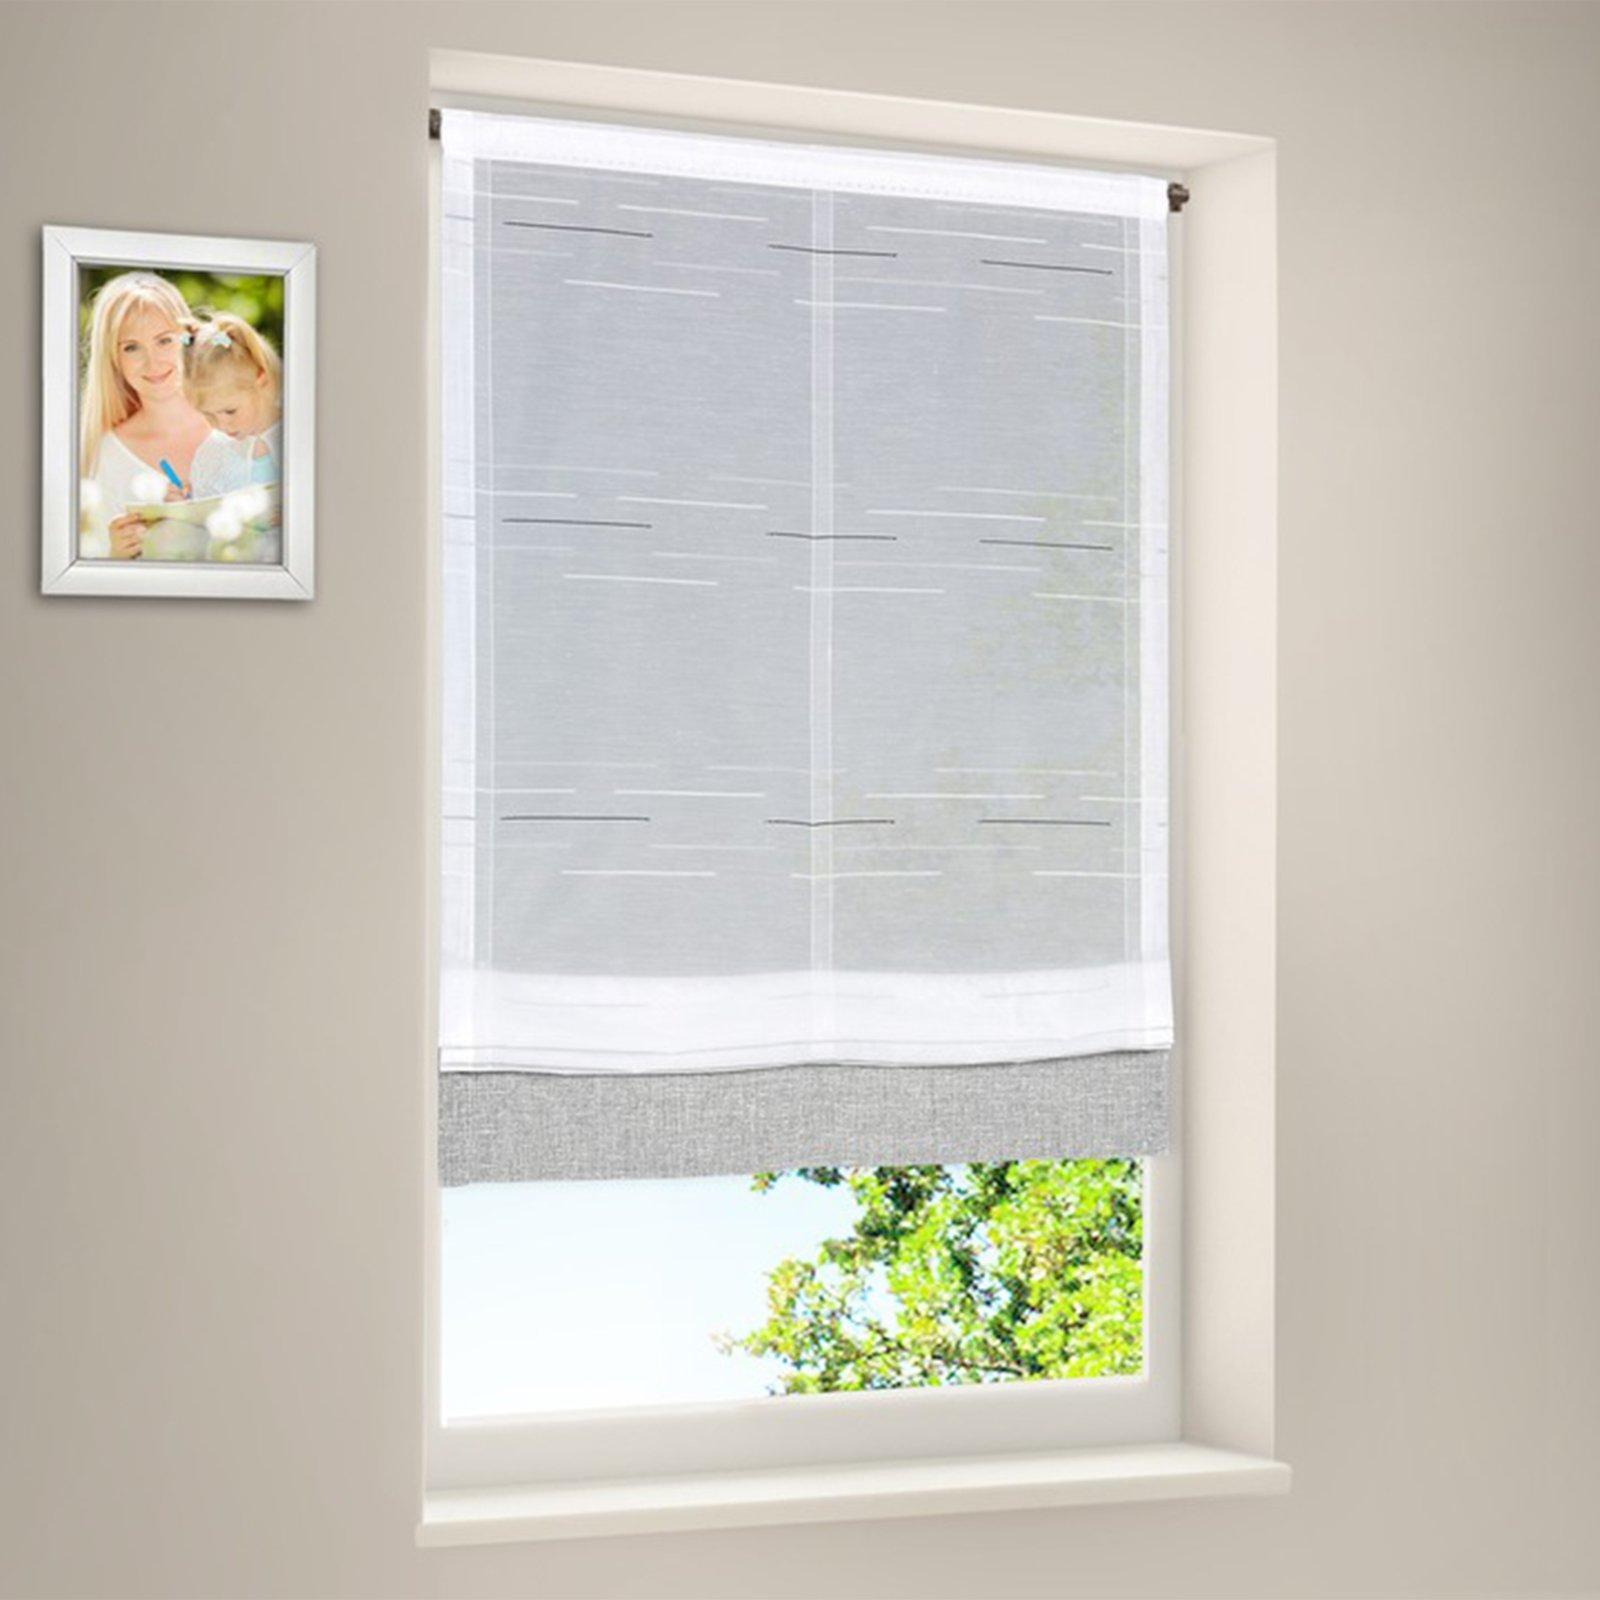 Raffrollo - weiß-grau - 60x125 cm | Online bei ROLLER günstig kaufen!